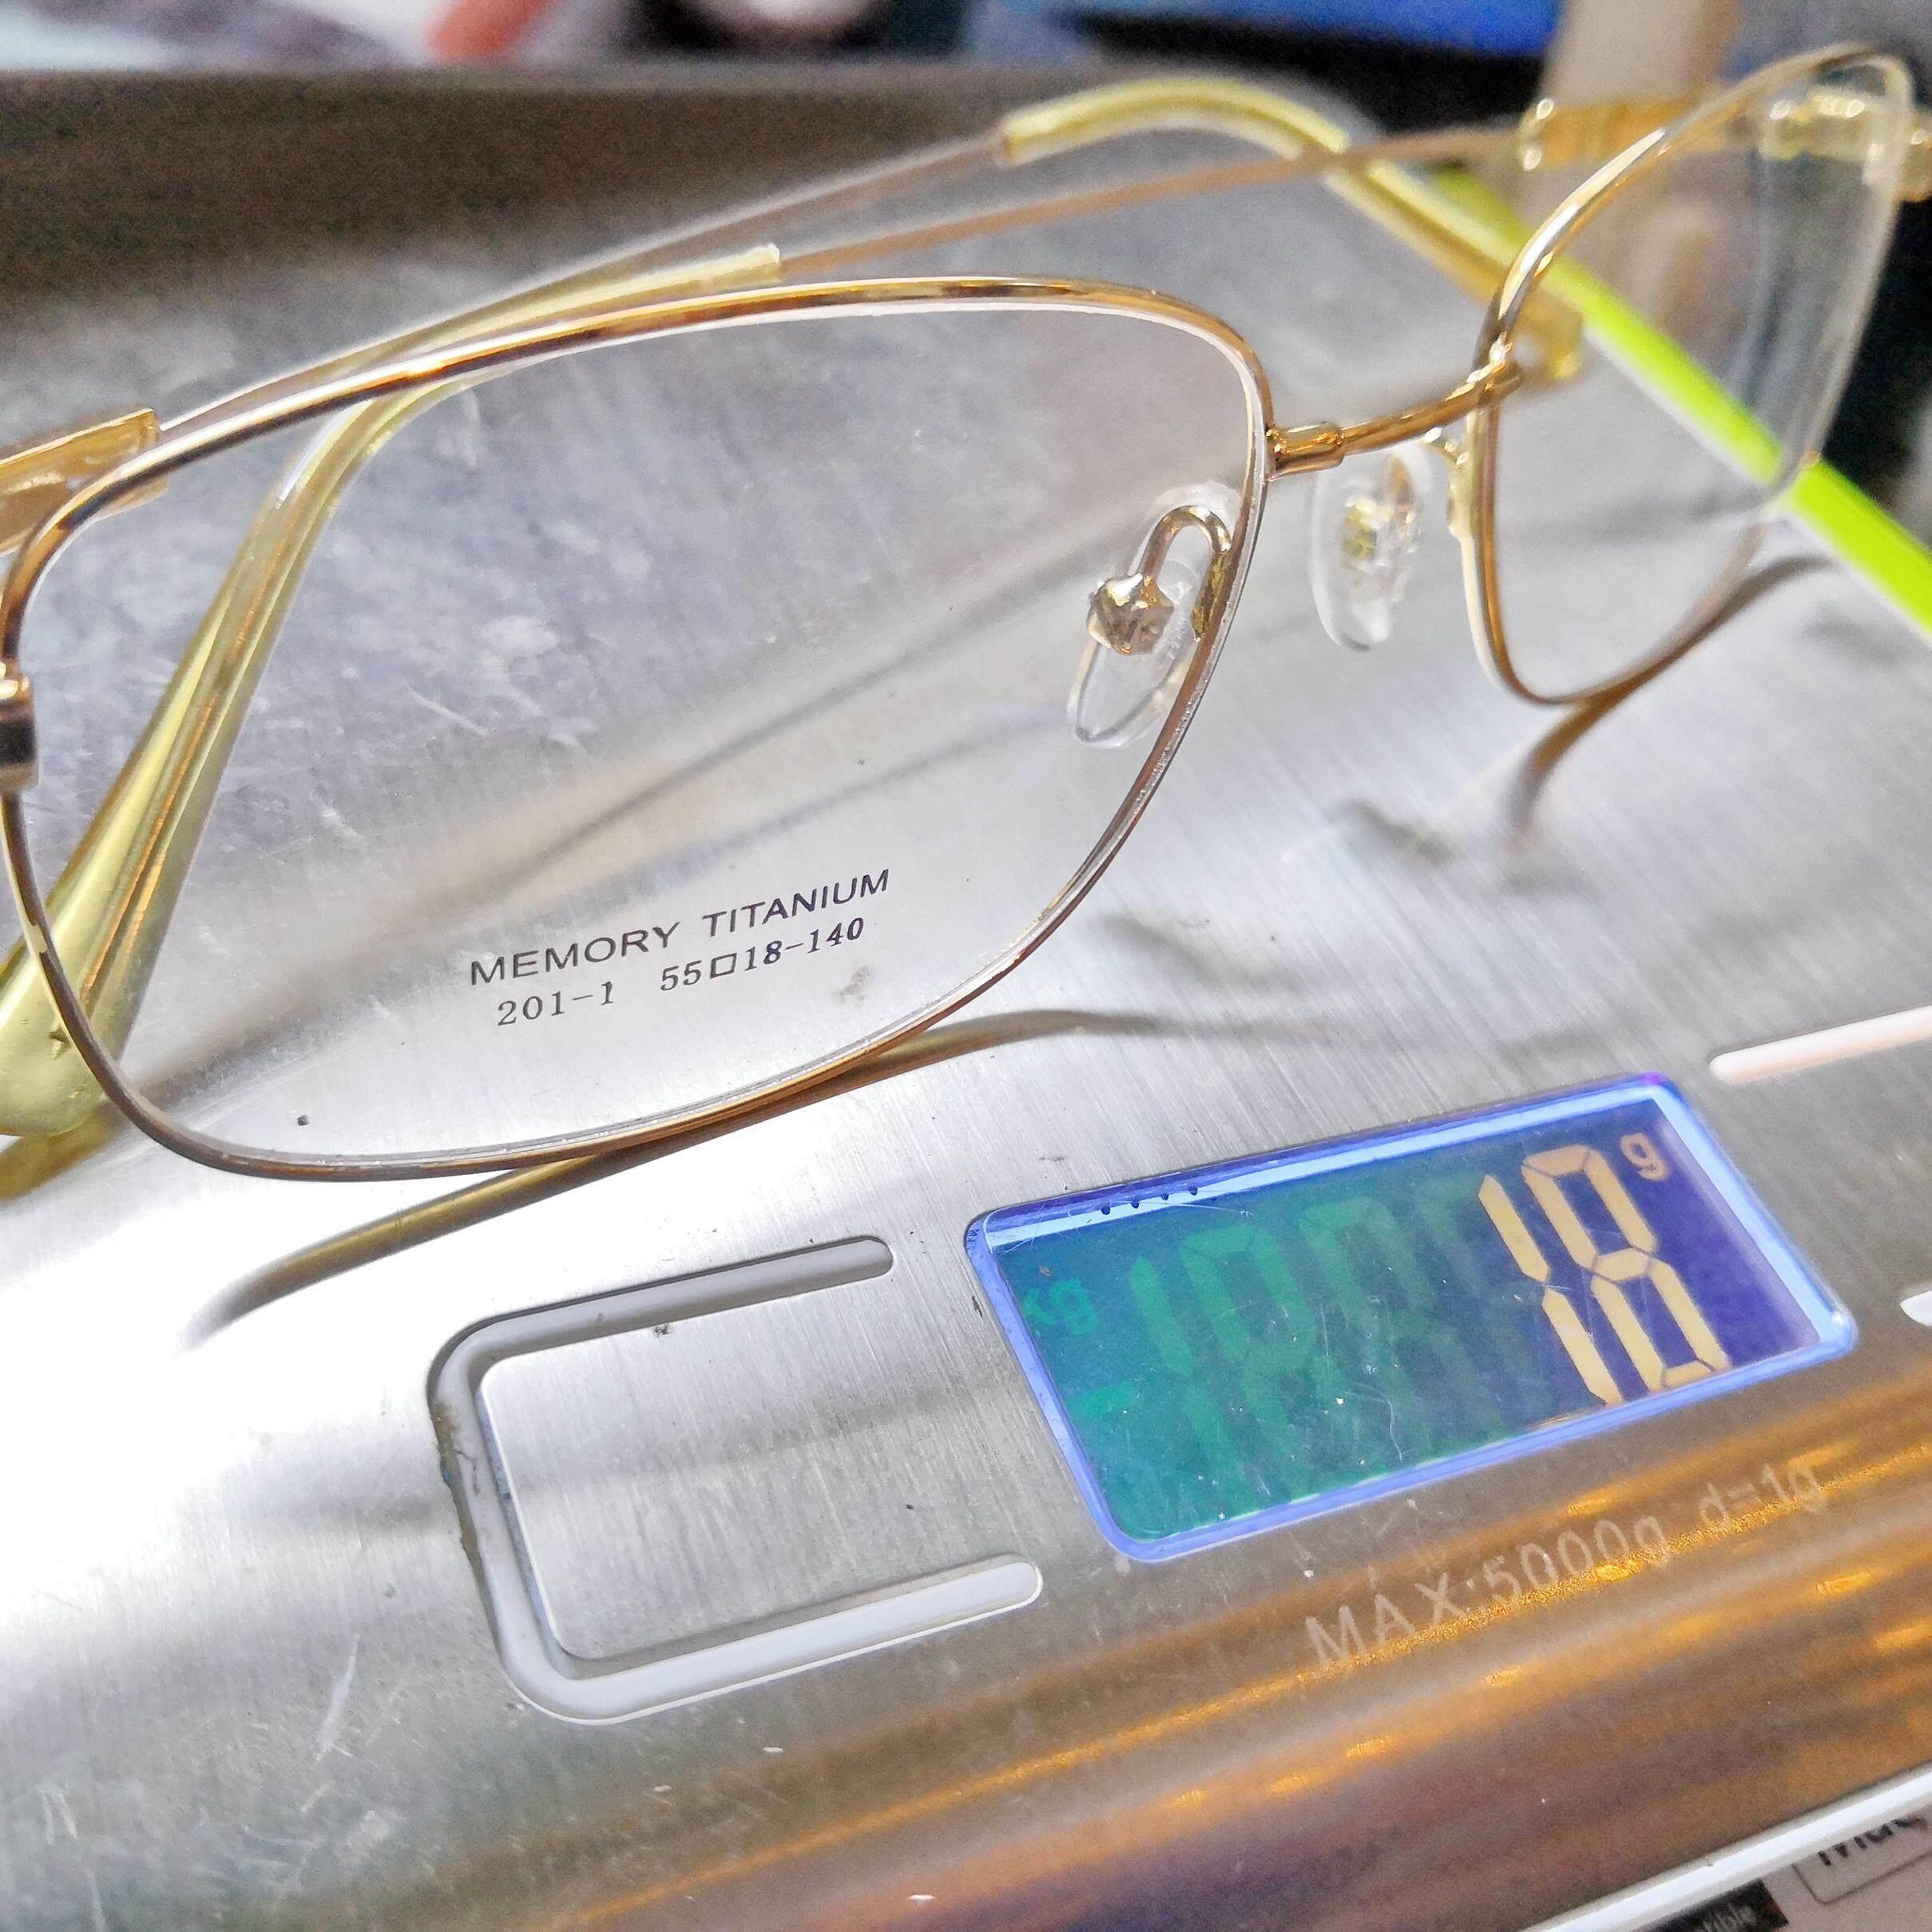 เก็บเงินปลายทางได้ รหัส 201-1G กรอบเบต้า-ไทเทเนี่ยม สีทอง ทรงสี่เหลี่ยม ส่งฟรี kerry